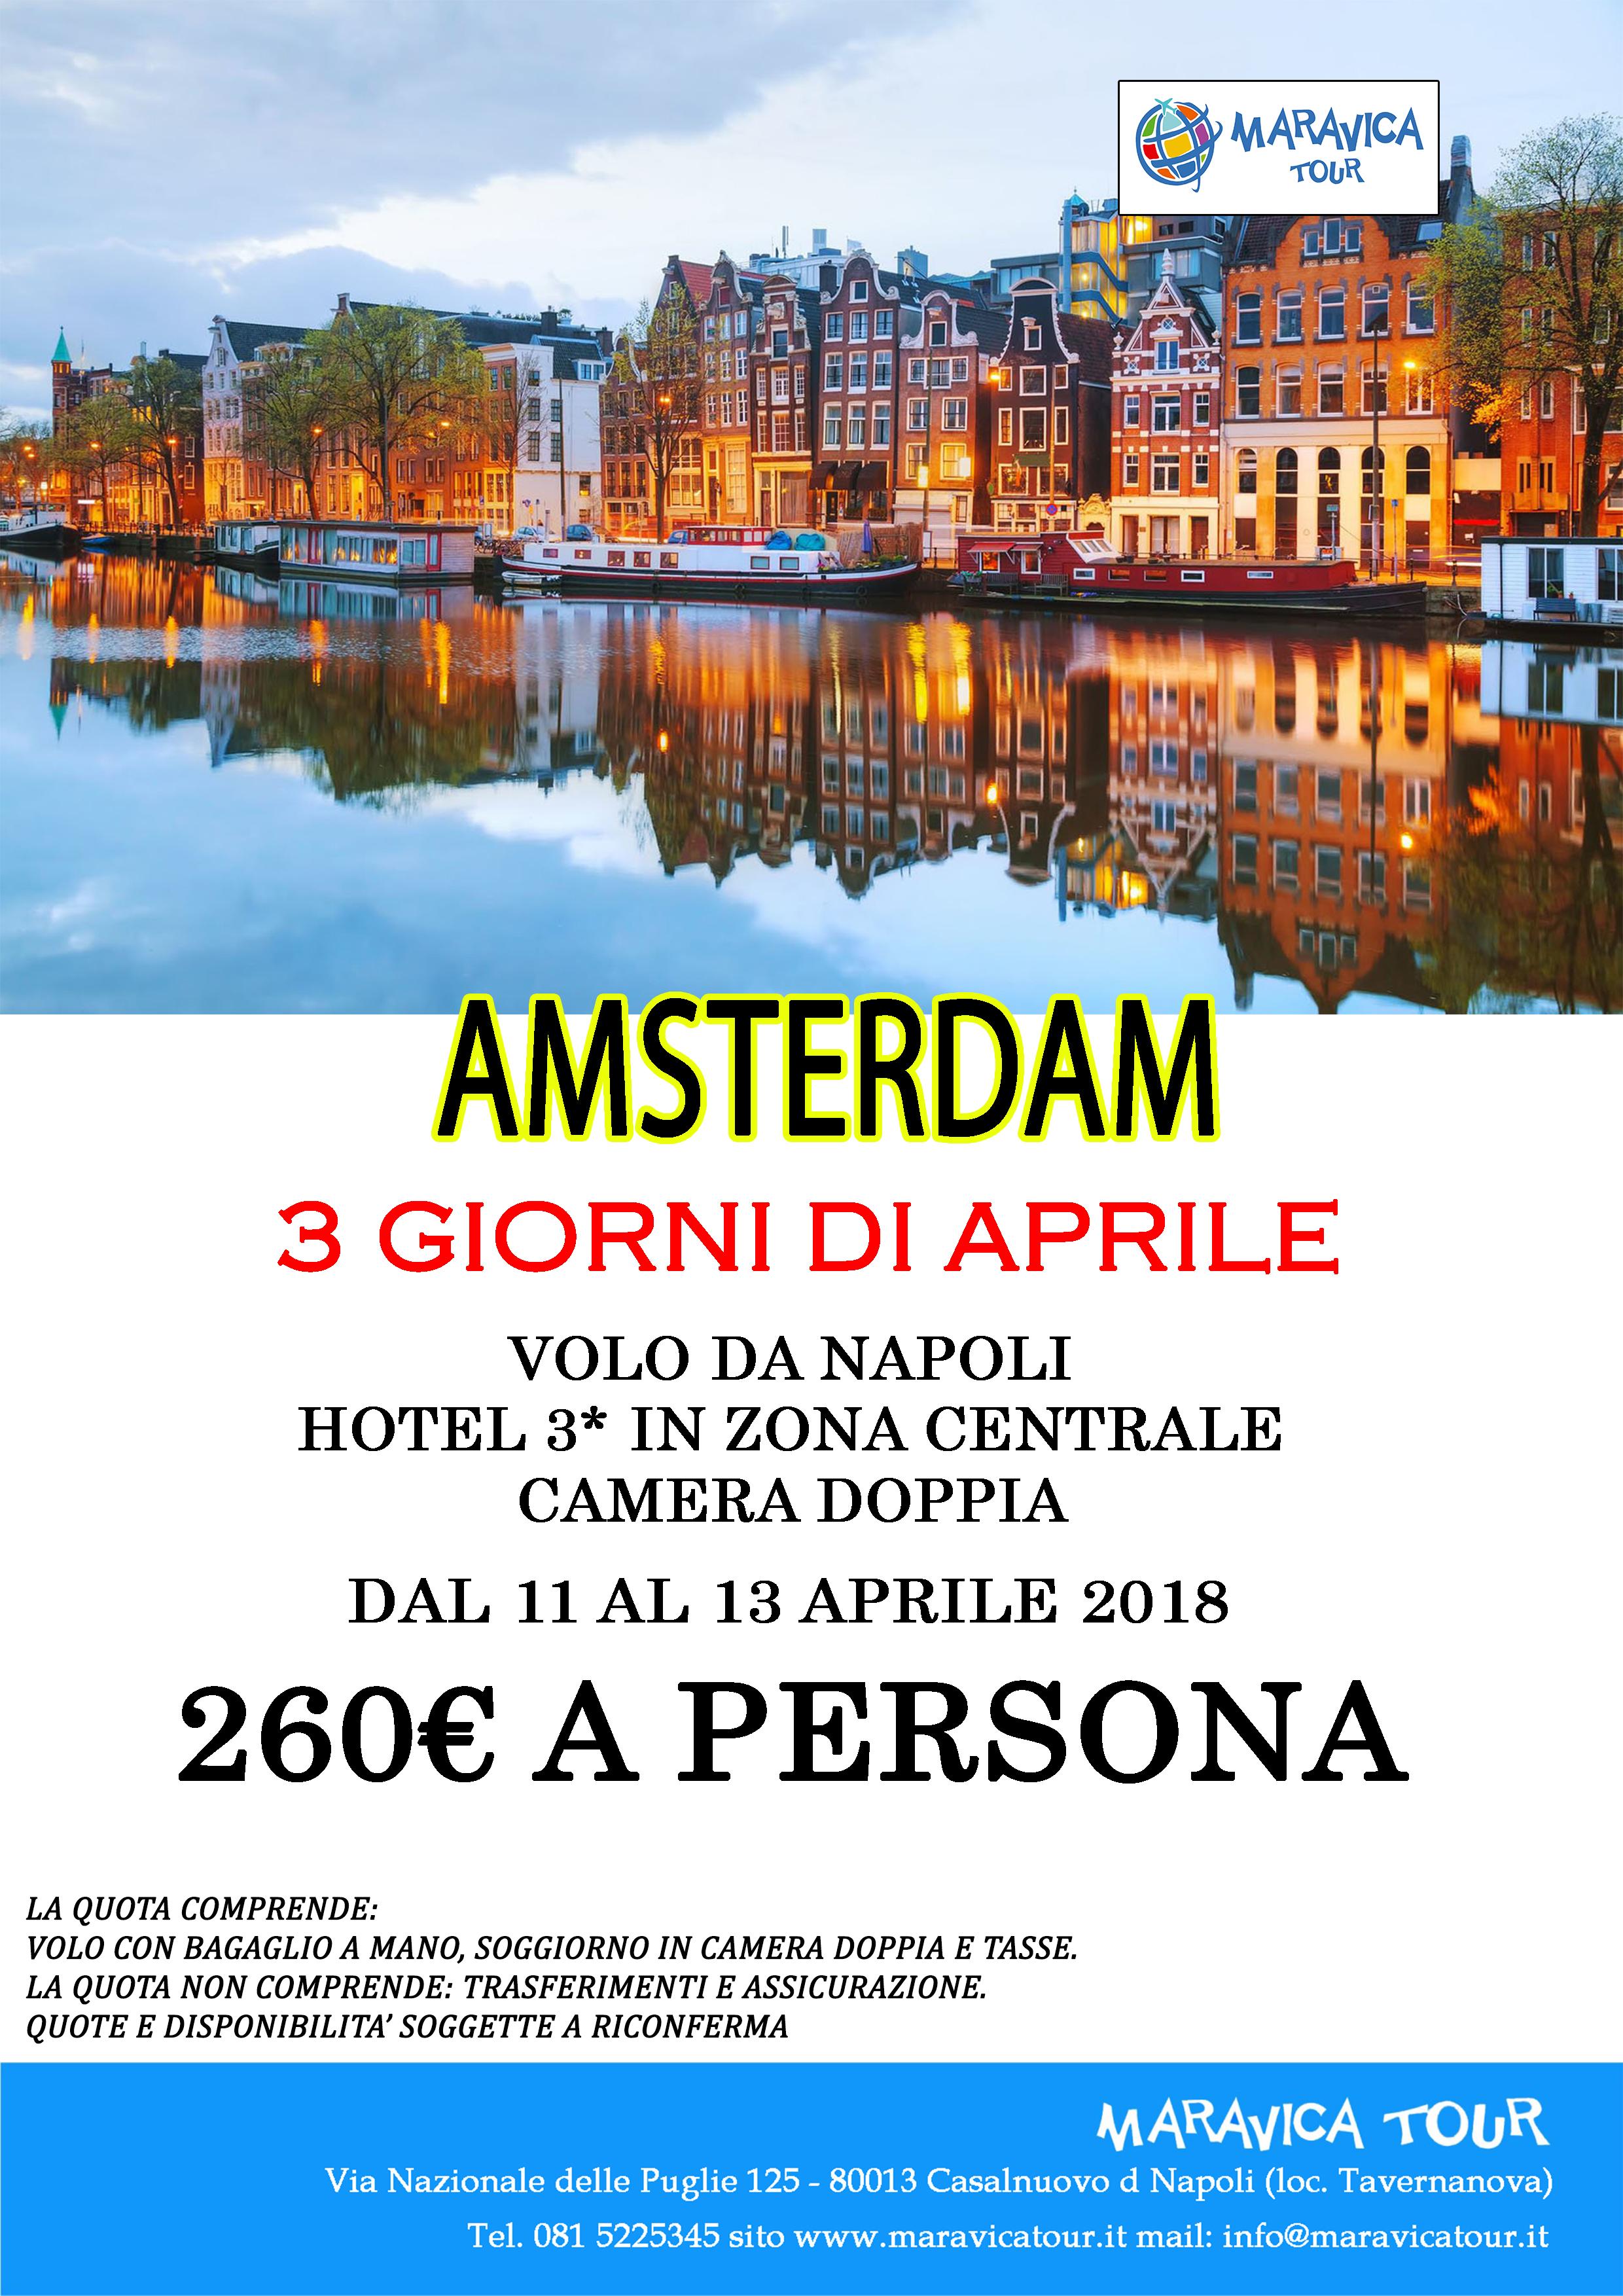 Best Volo E Soggiorno Amsterdam Pictures - Design and Ideas ...